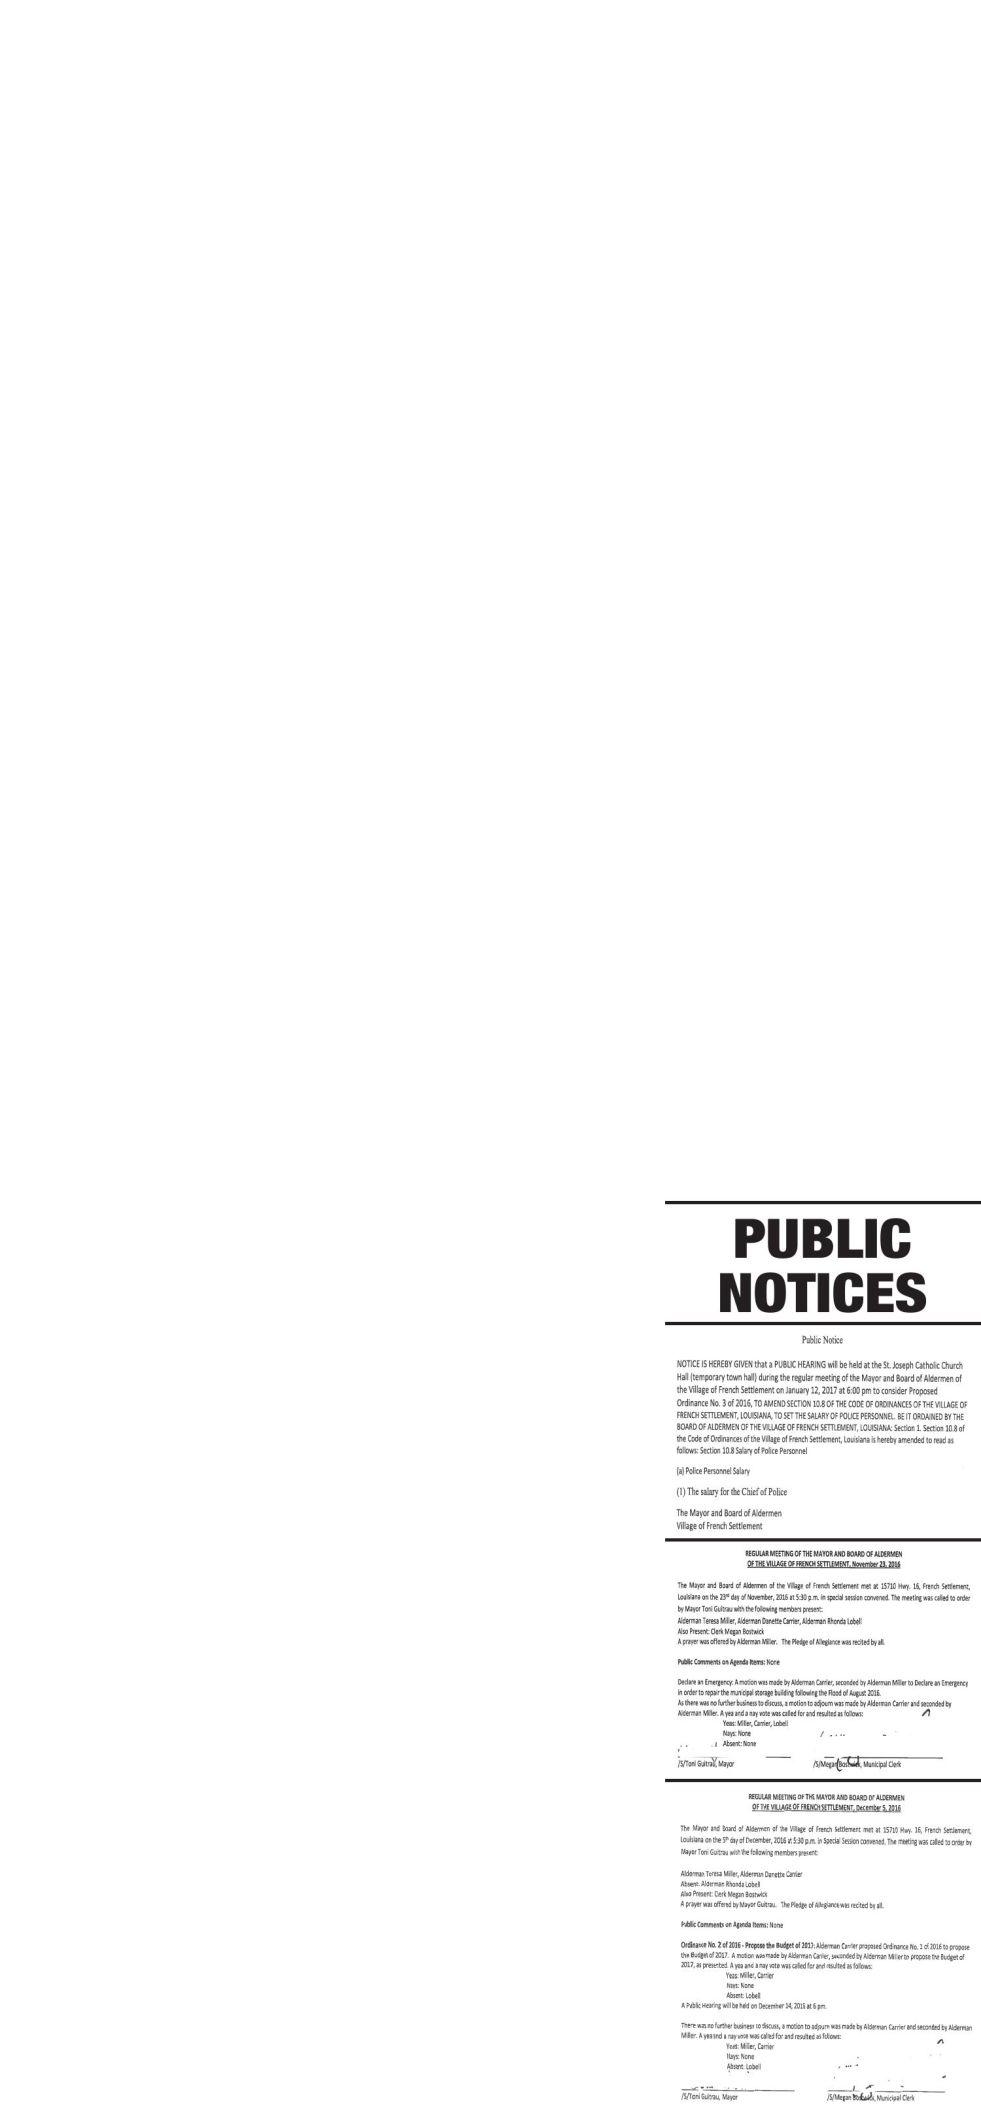 Public Notices published December 29, 2016